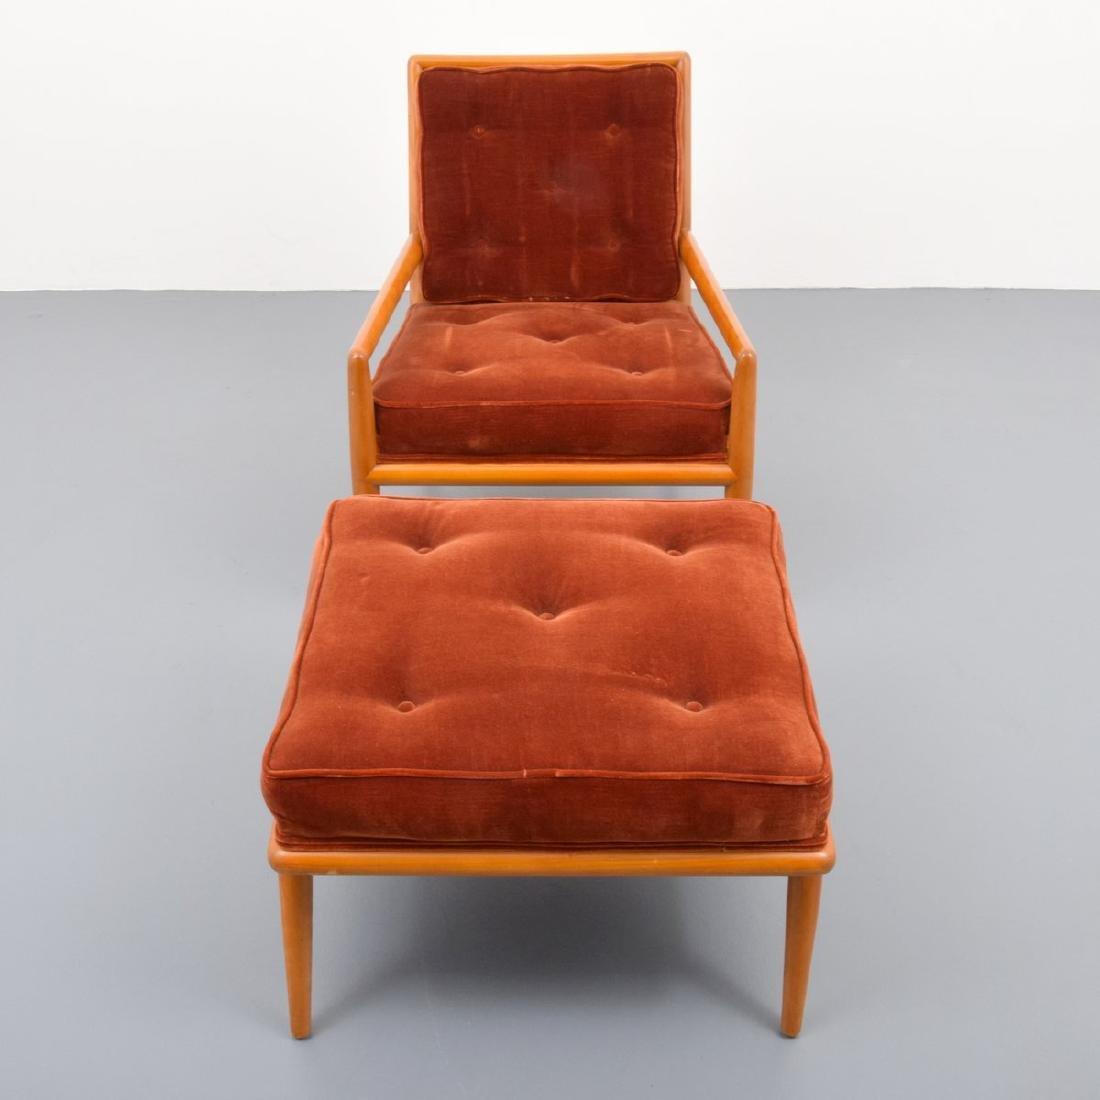 T.H. Robsjohn-Gibbings Lounge Chair & Ottoman - 11